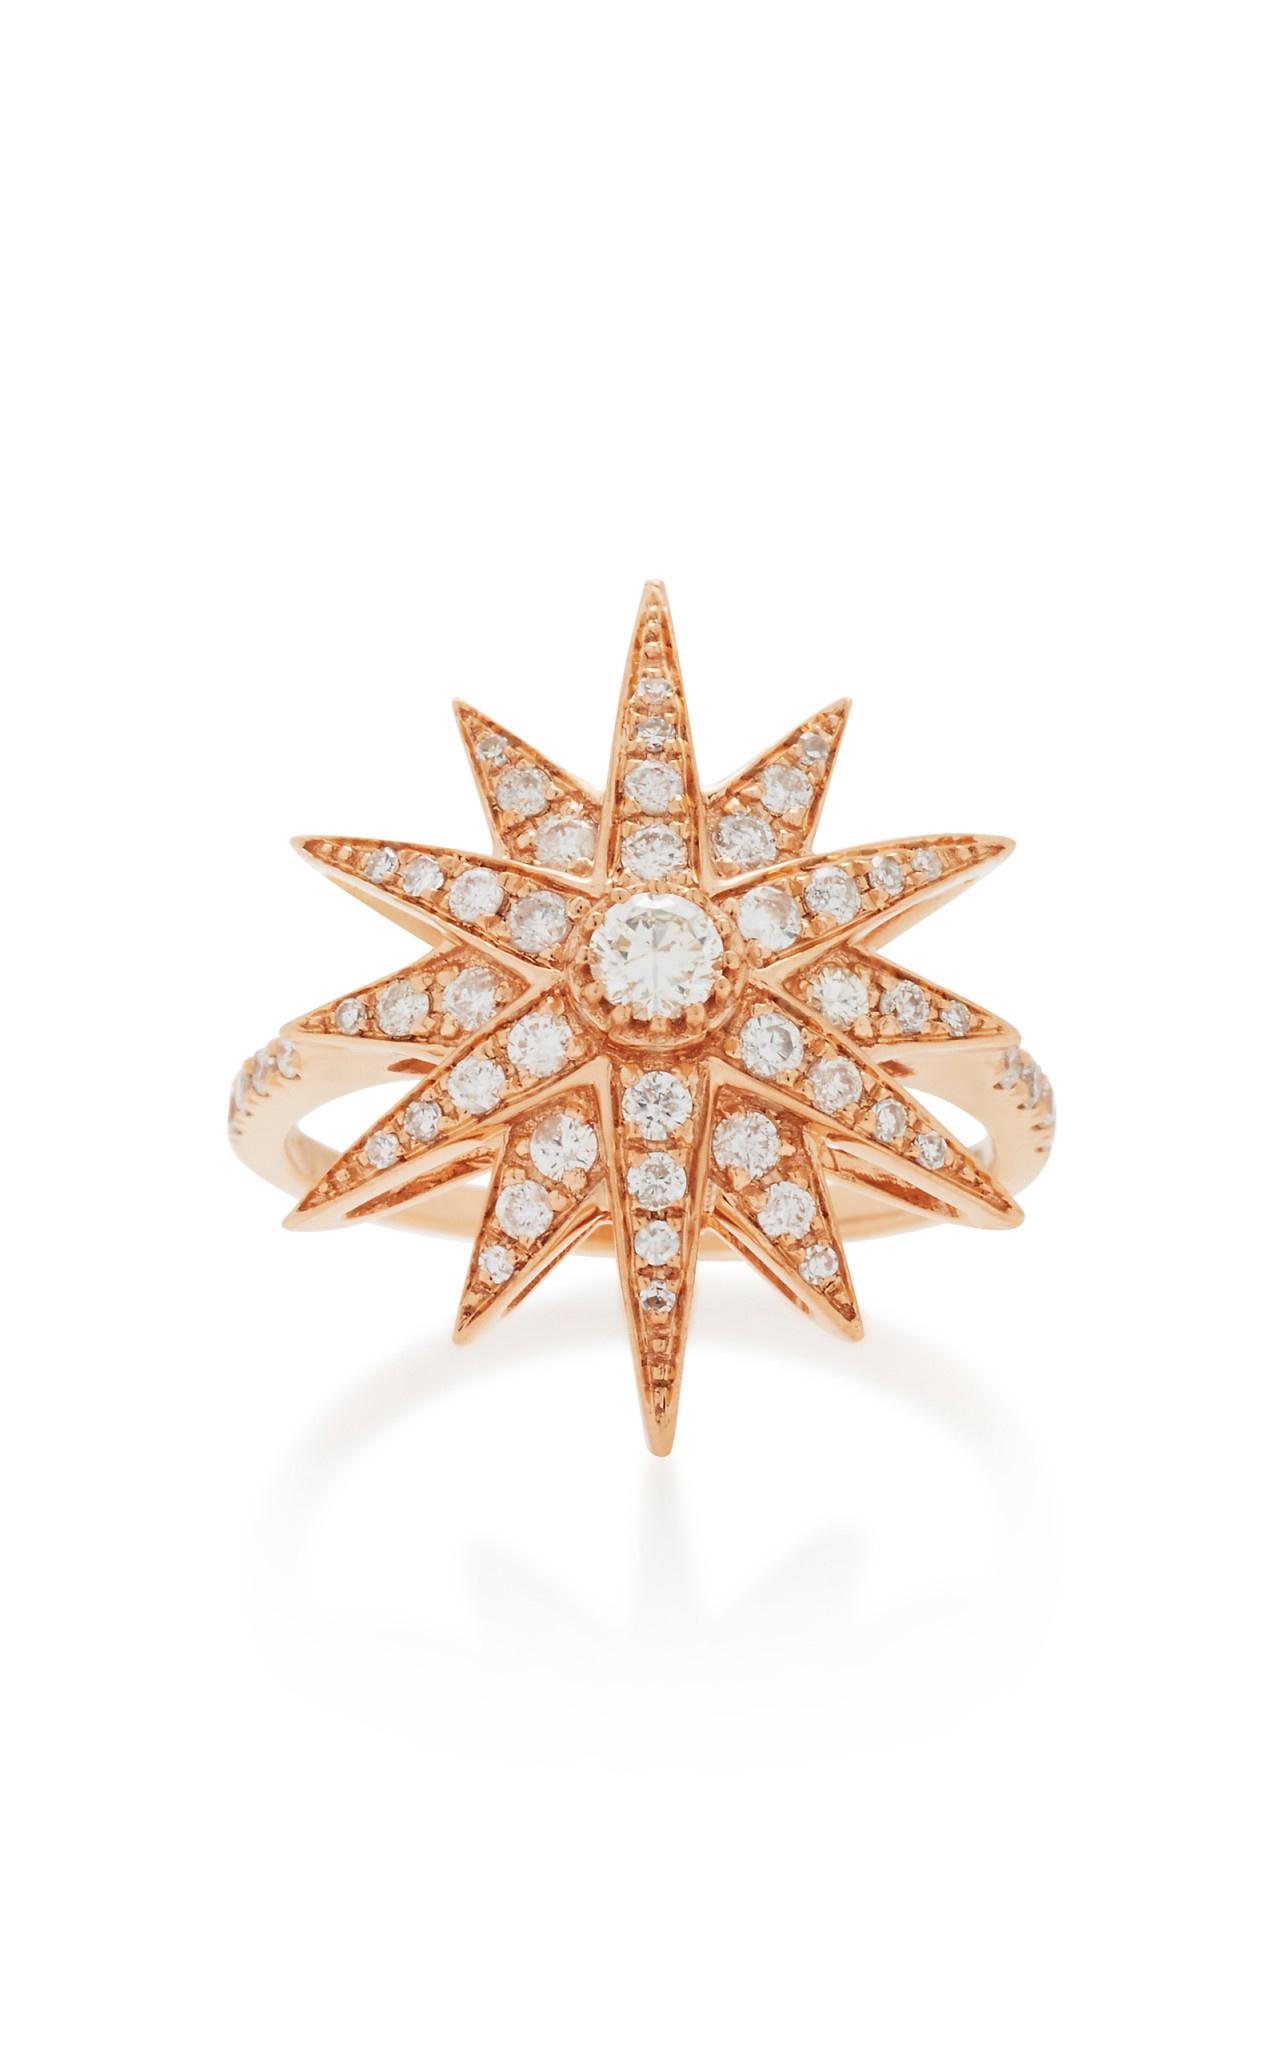 Diamond Starburst Rose Gold Ring